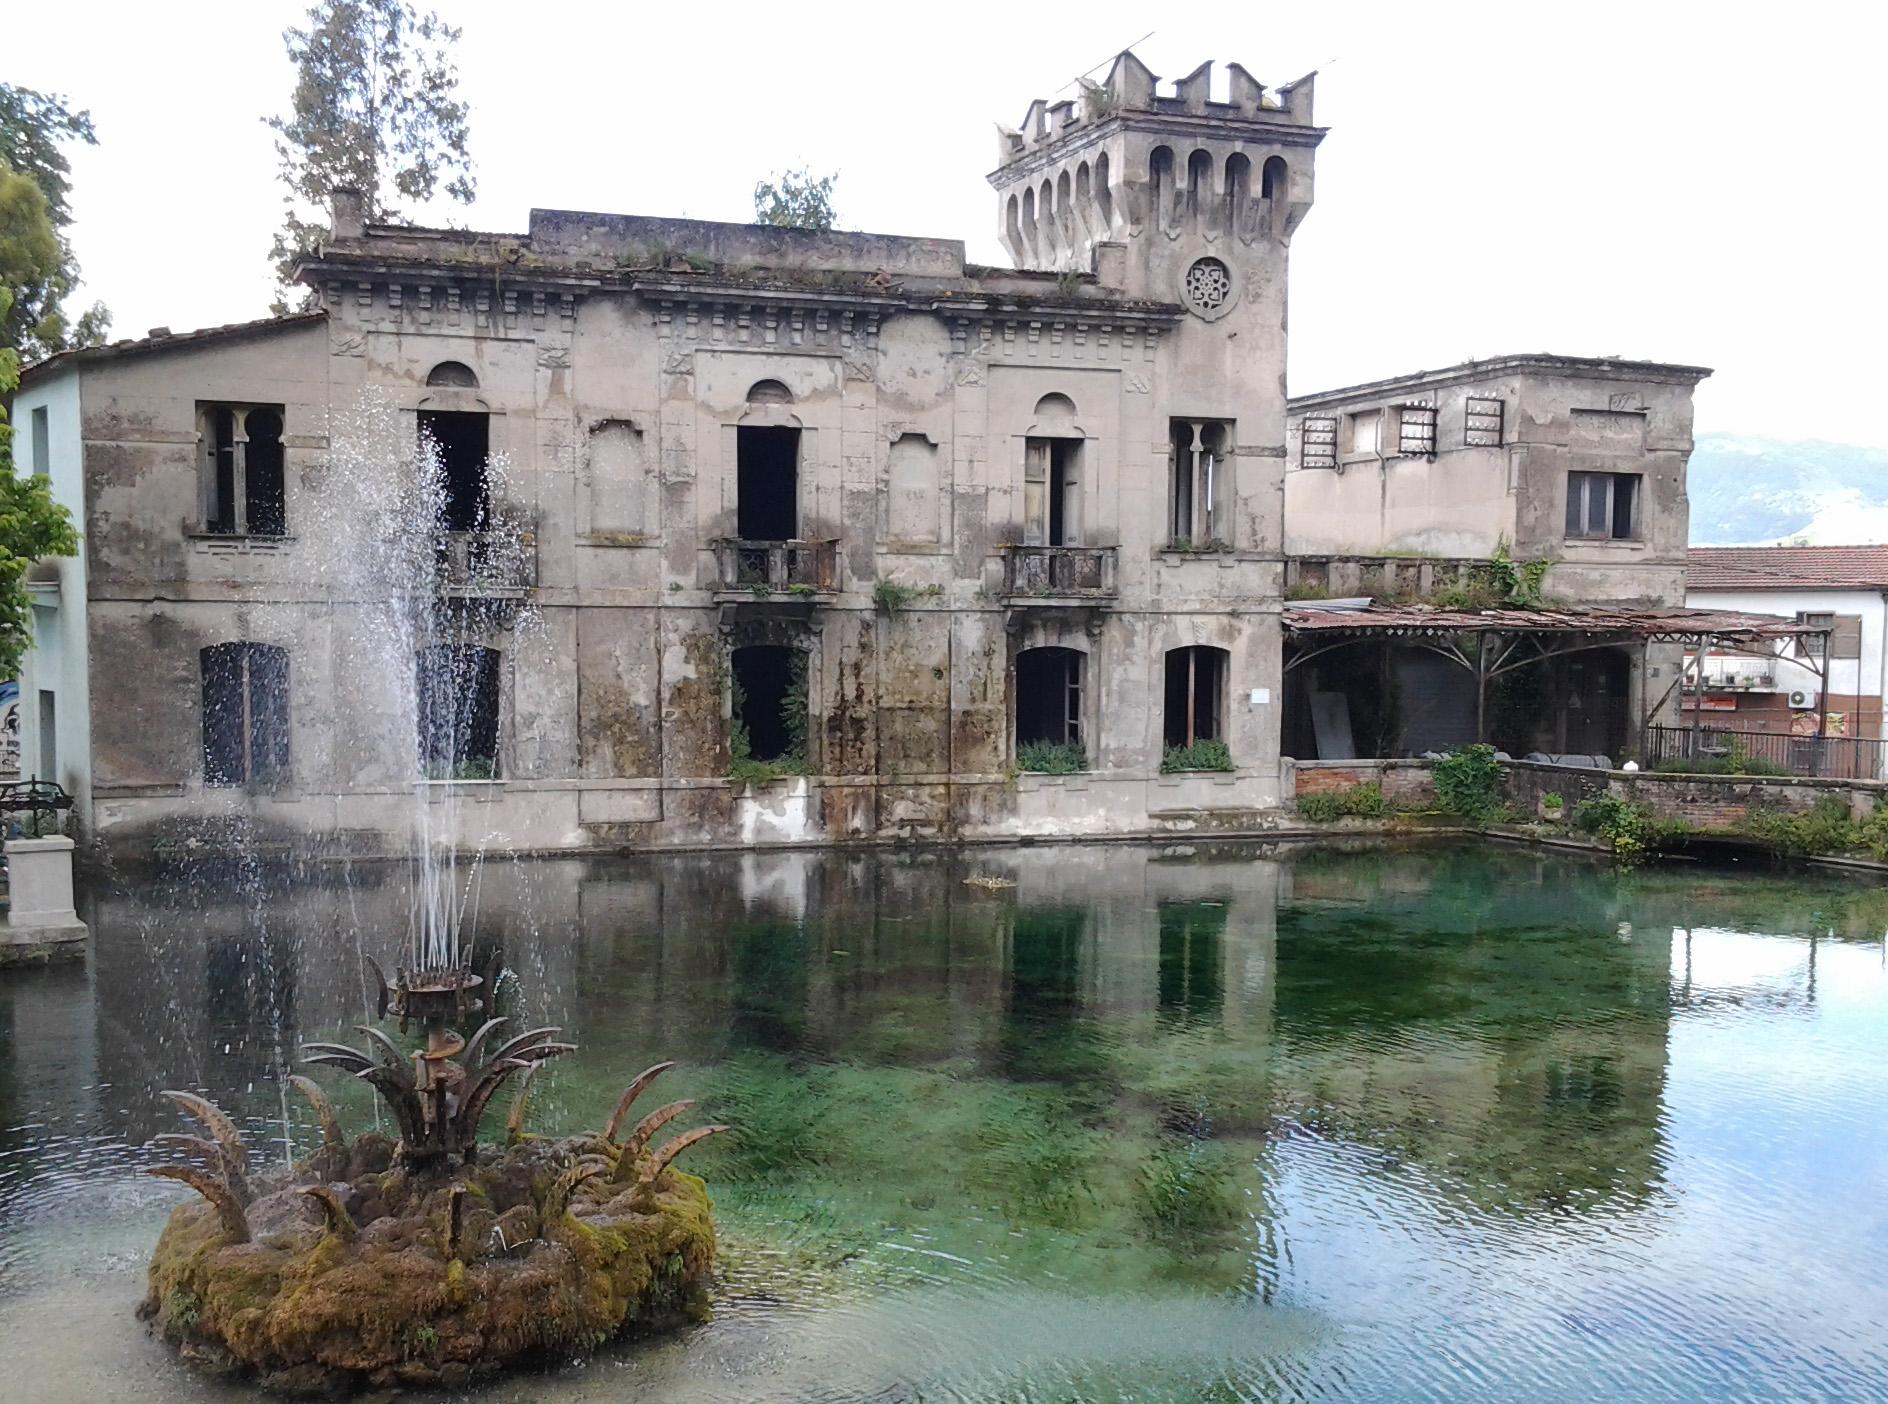 Extracomunitario si lancia nel laghetto di venafro for La casa nel laghetto